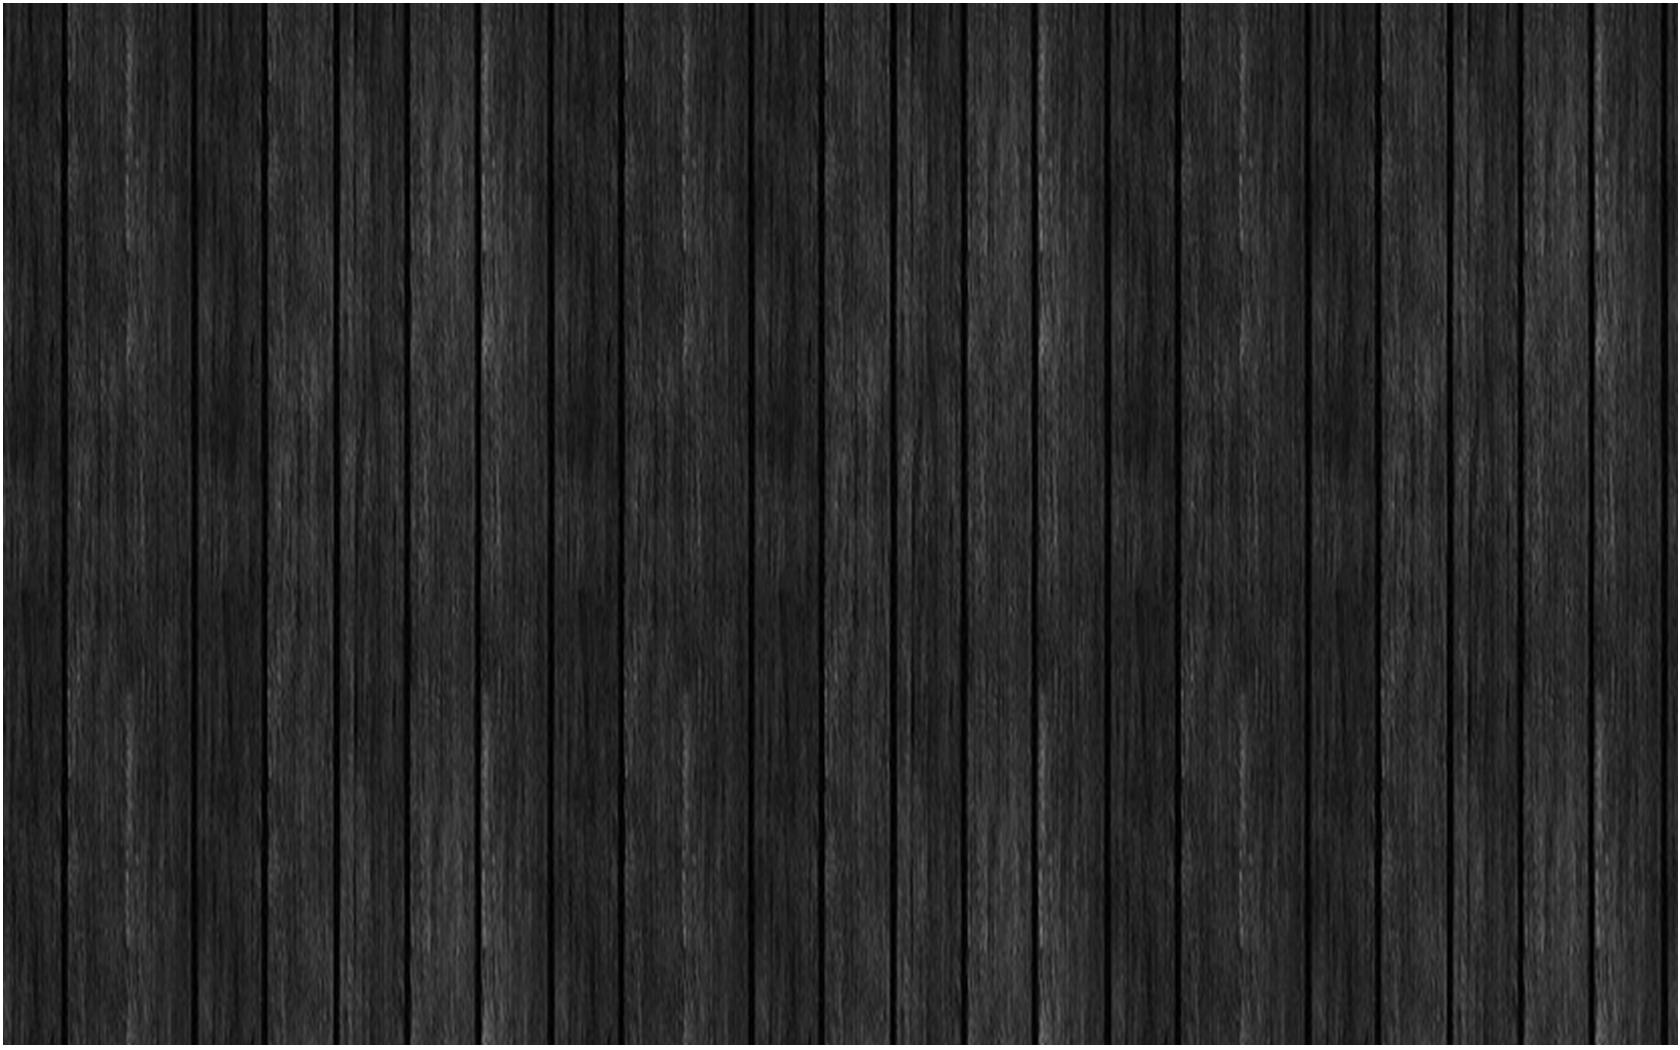 dark woods wallpaper black and white woods wallpaper wood texture. Black Wood Texture   Interiors Design